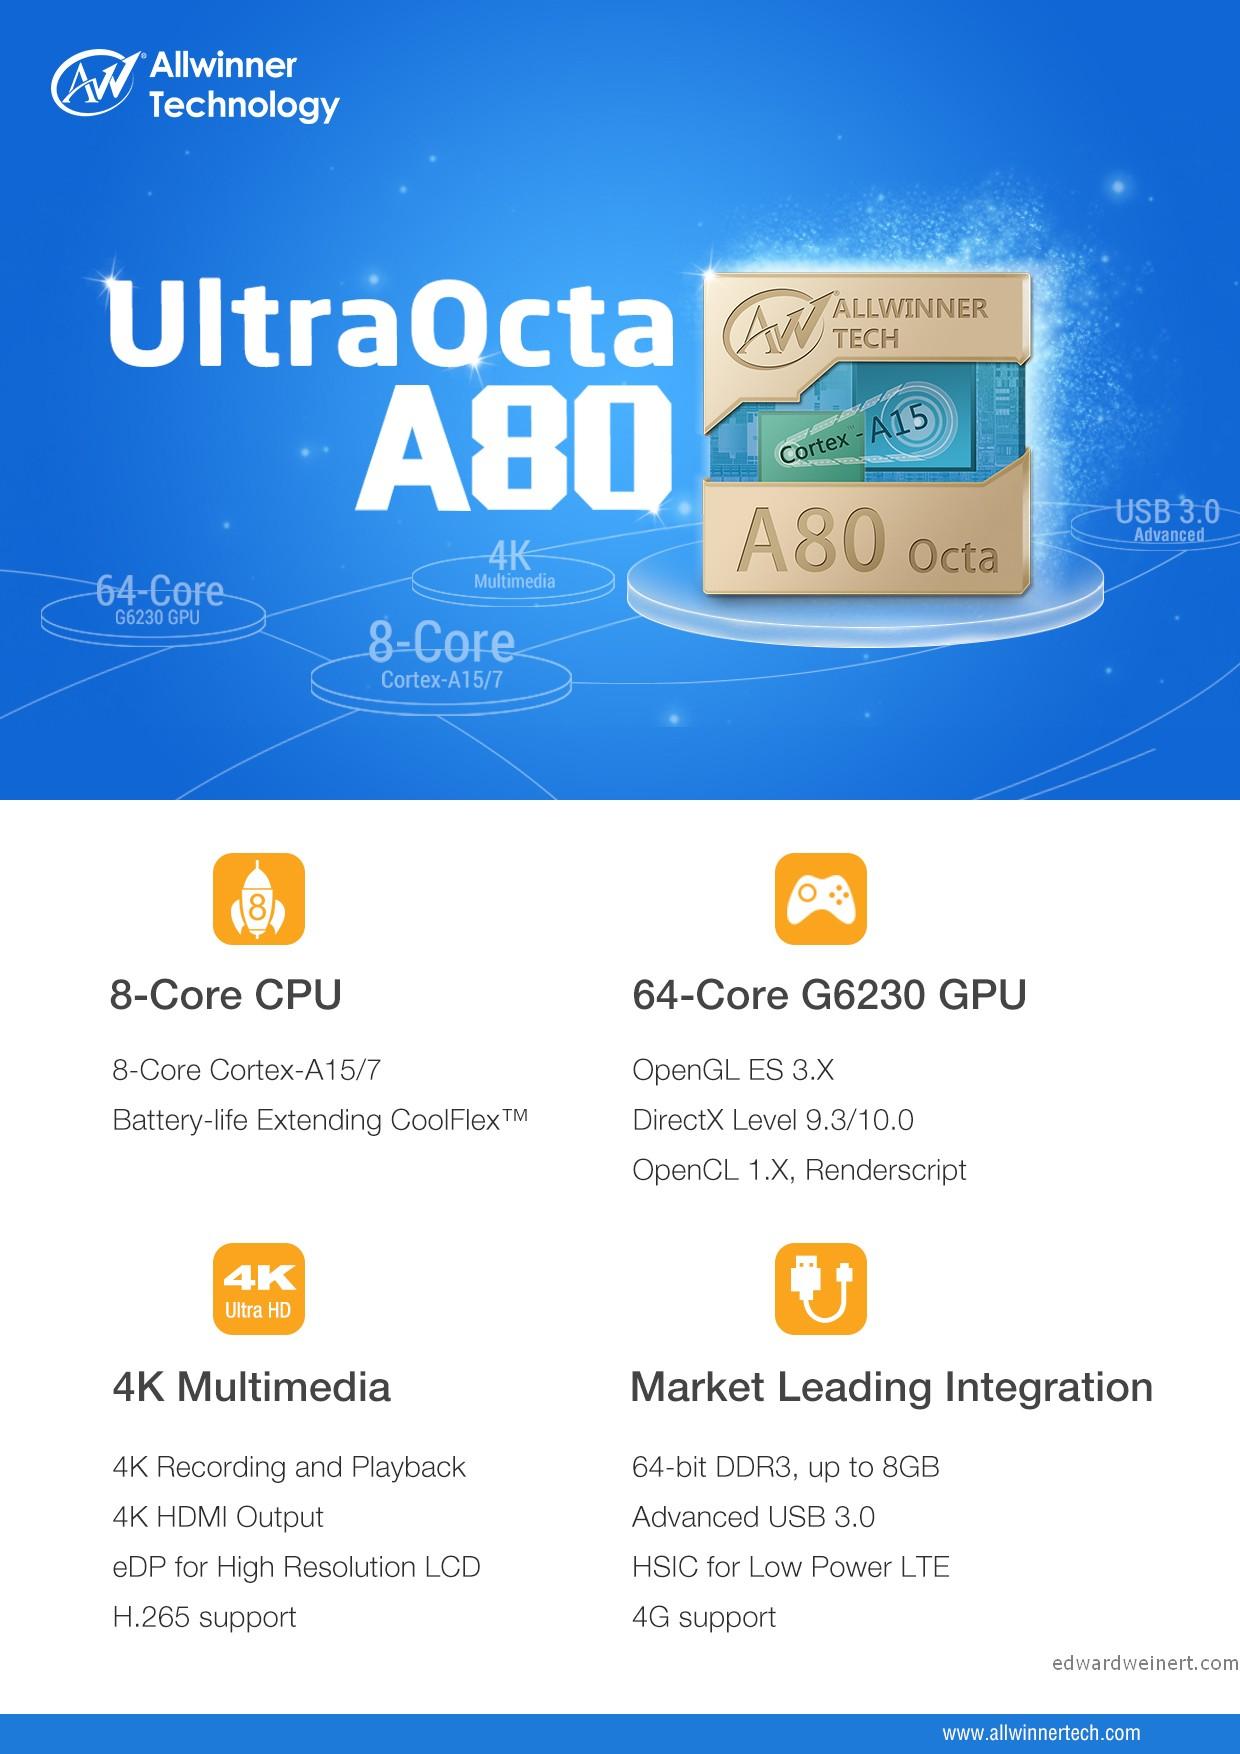 allwinner-ultra-octa-a80-1